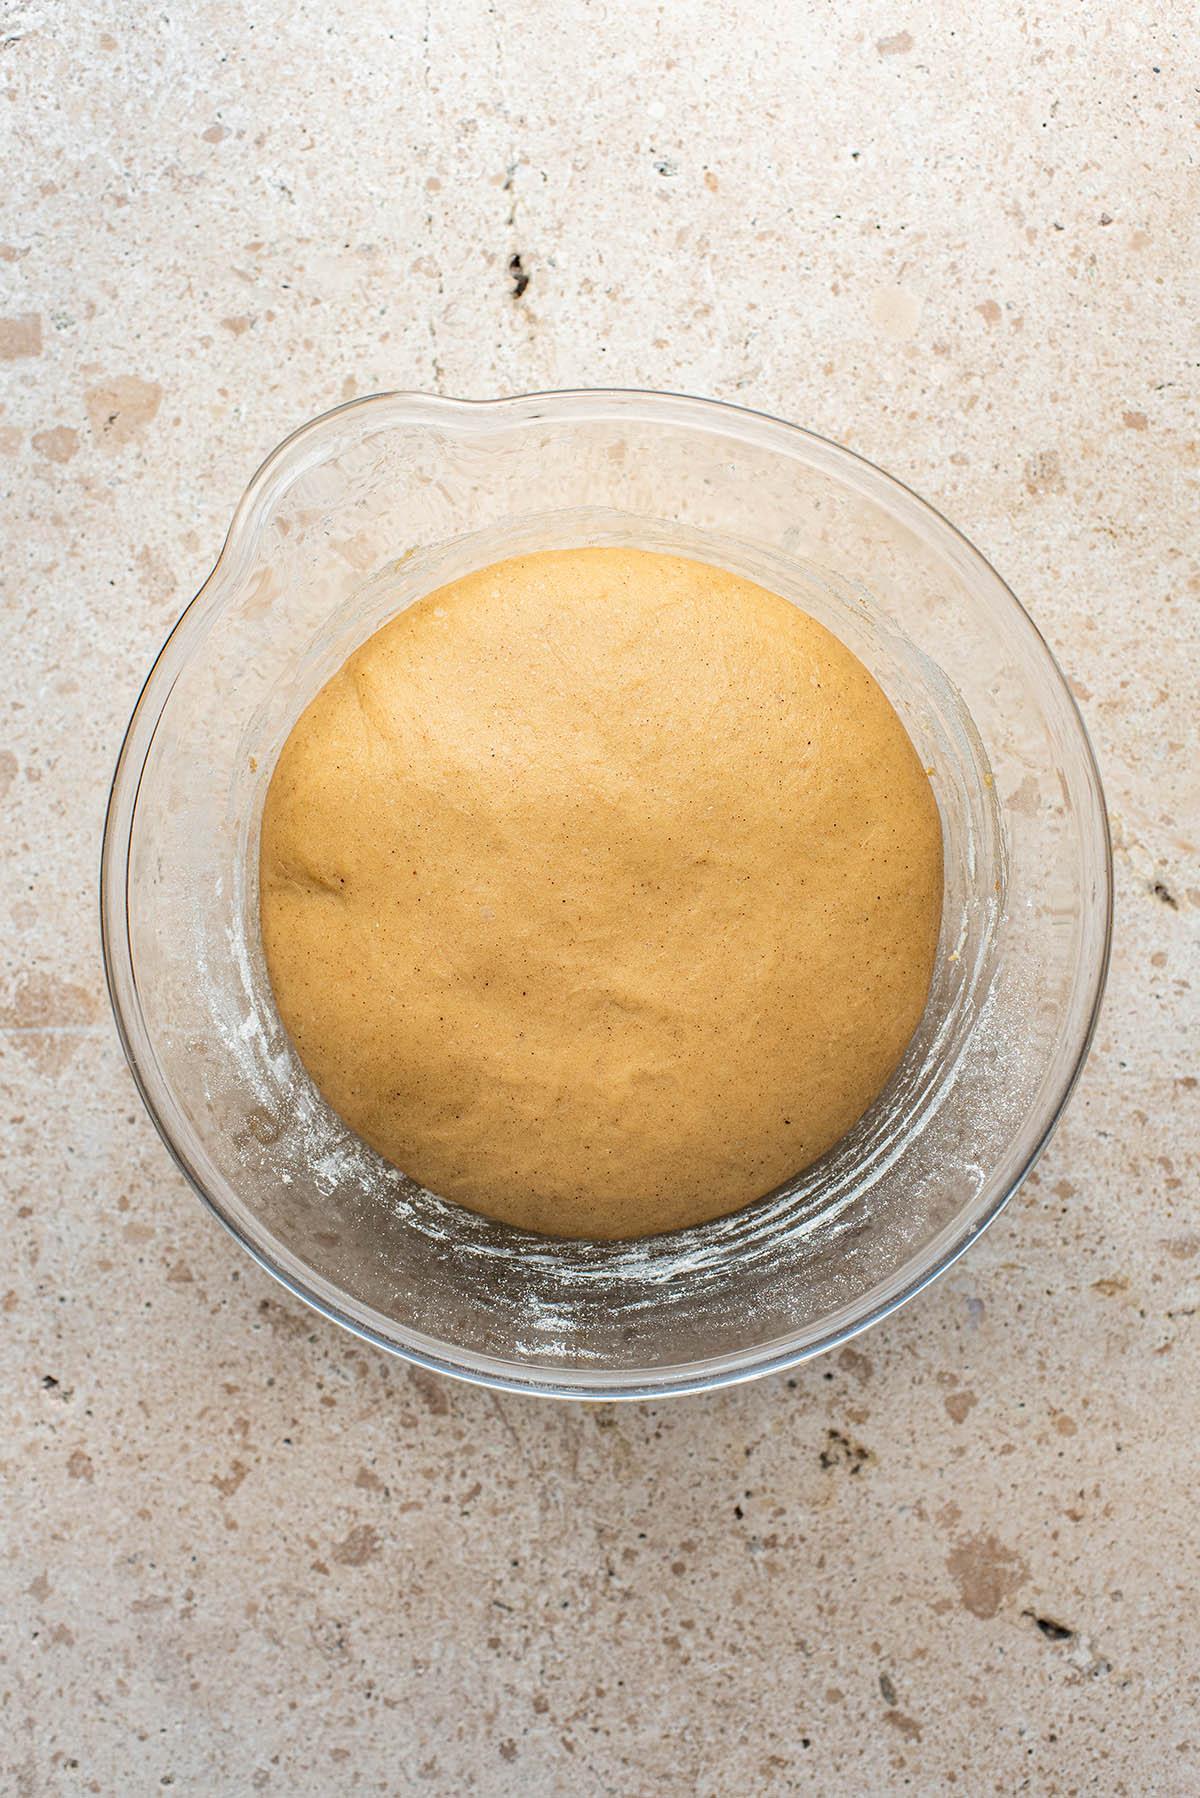 Dough after rising.